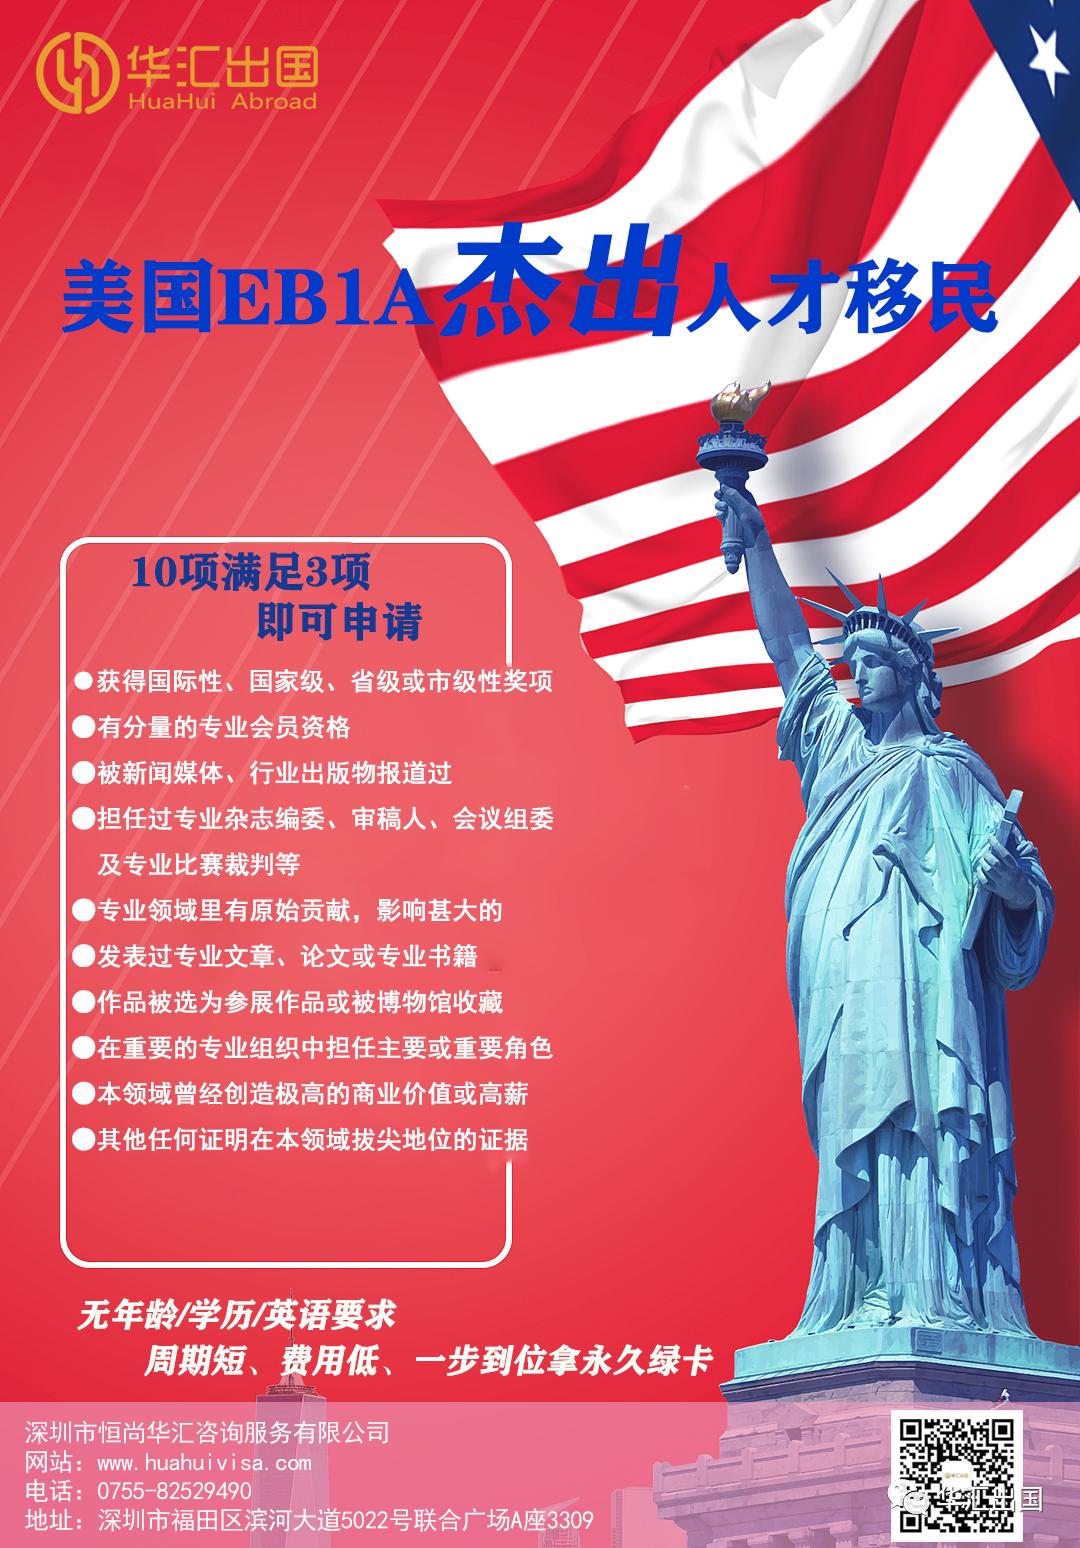 「十一月巨献」华汇出国美加澳移民项目发布会